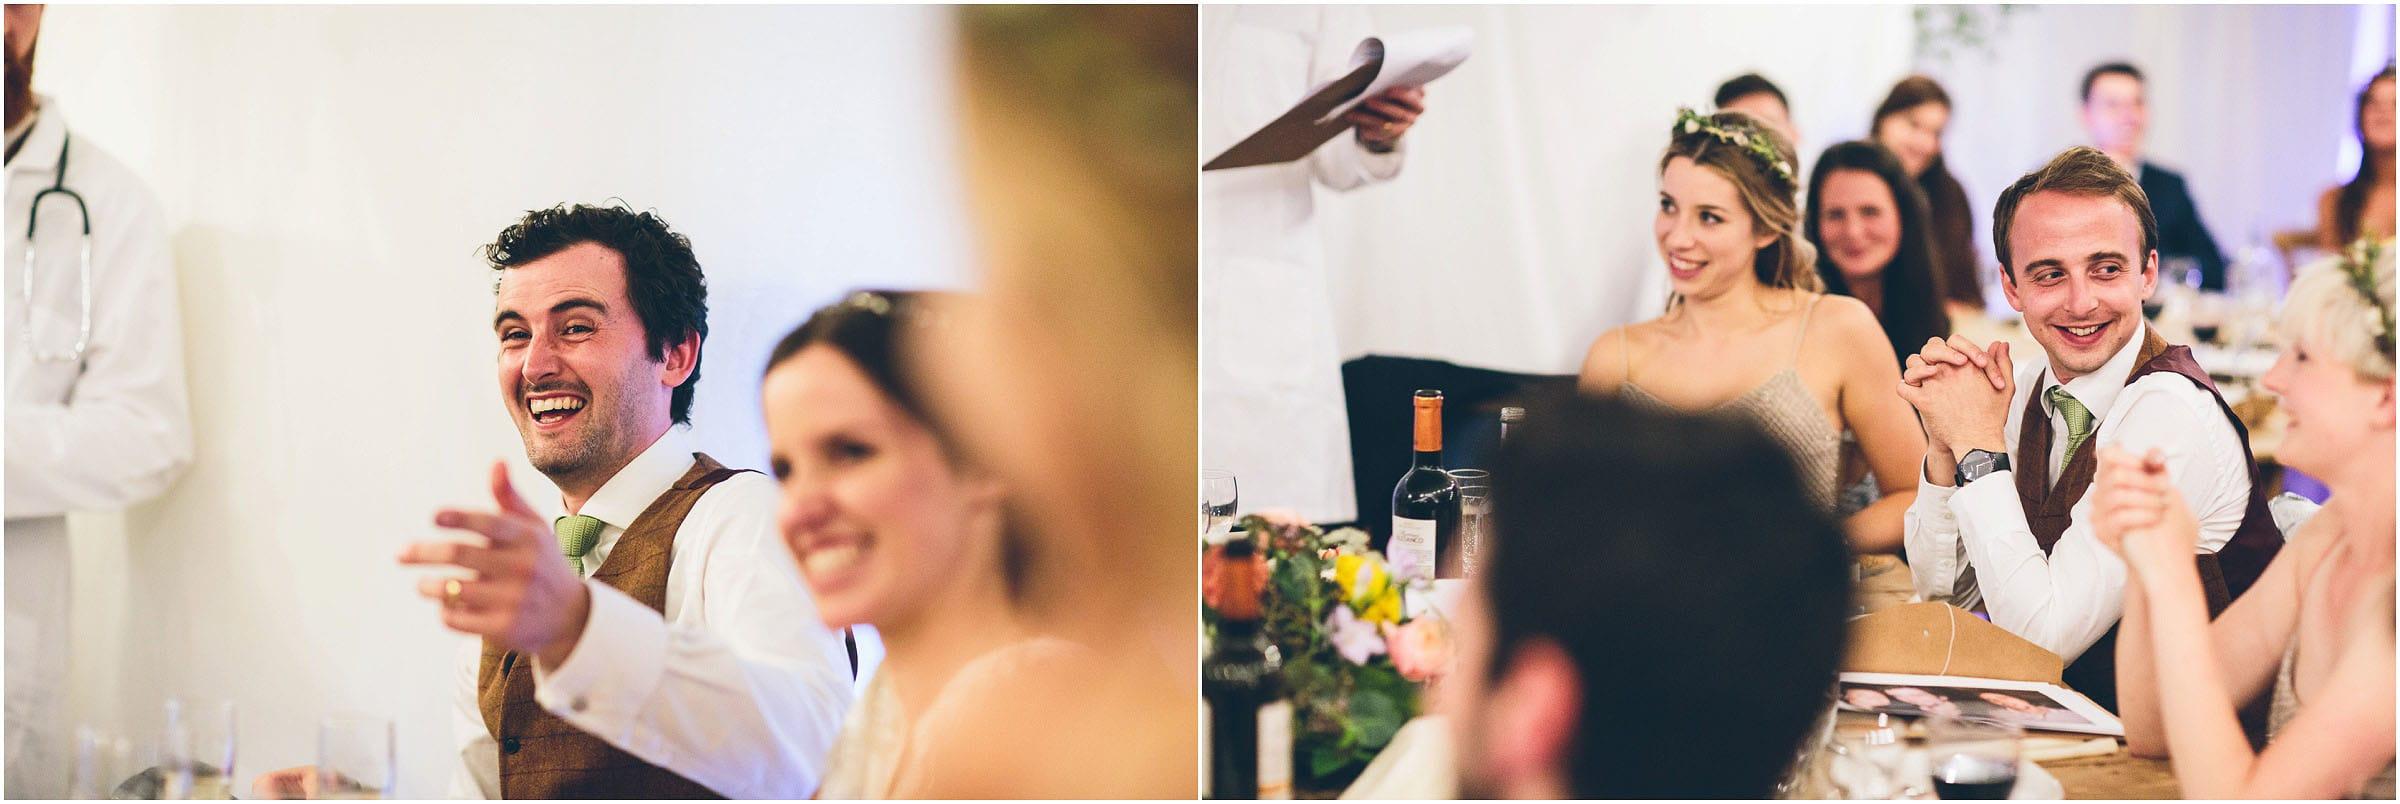 Harthill_Weddings_Wedding_Photography_0123